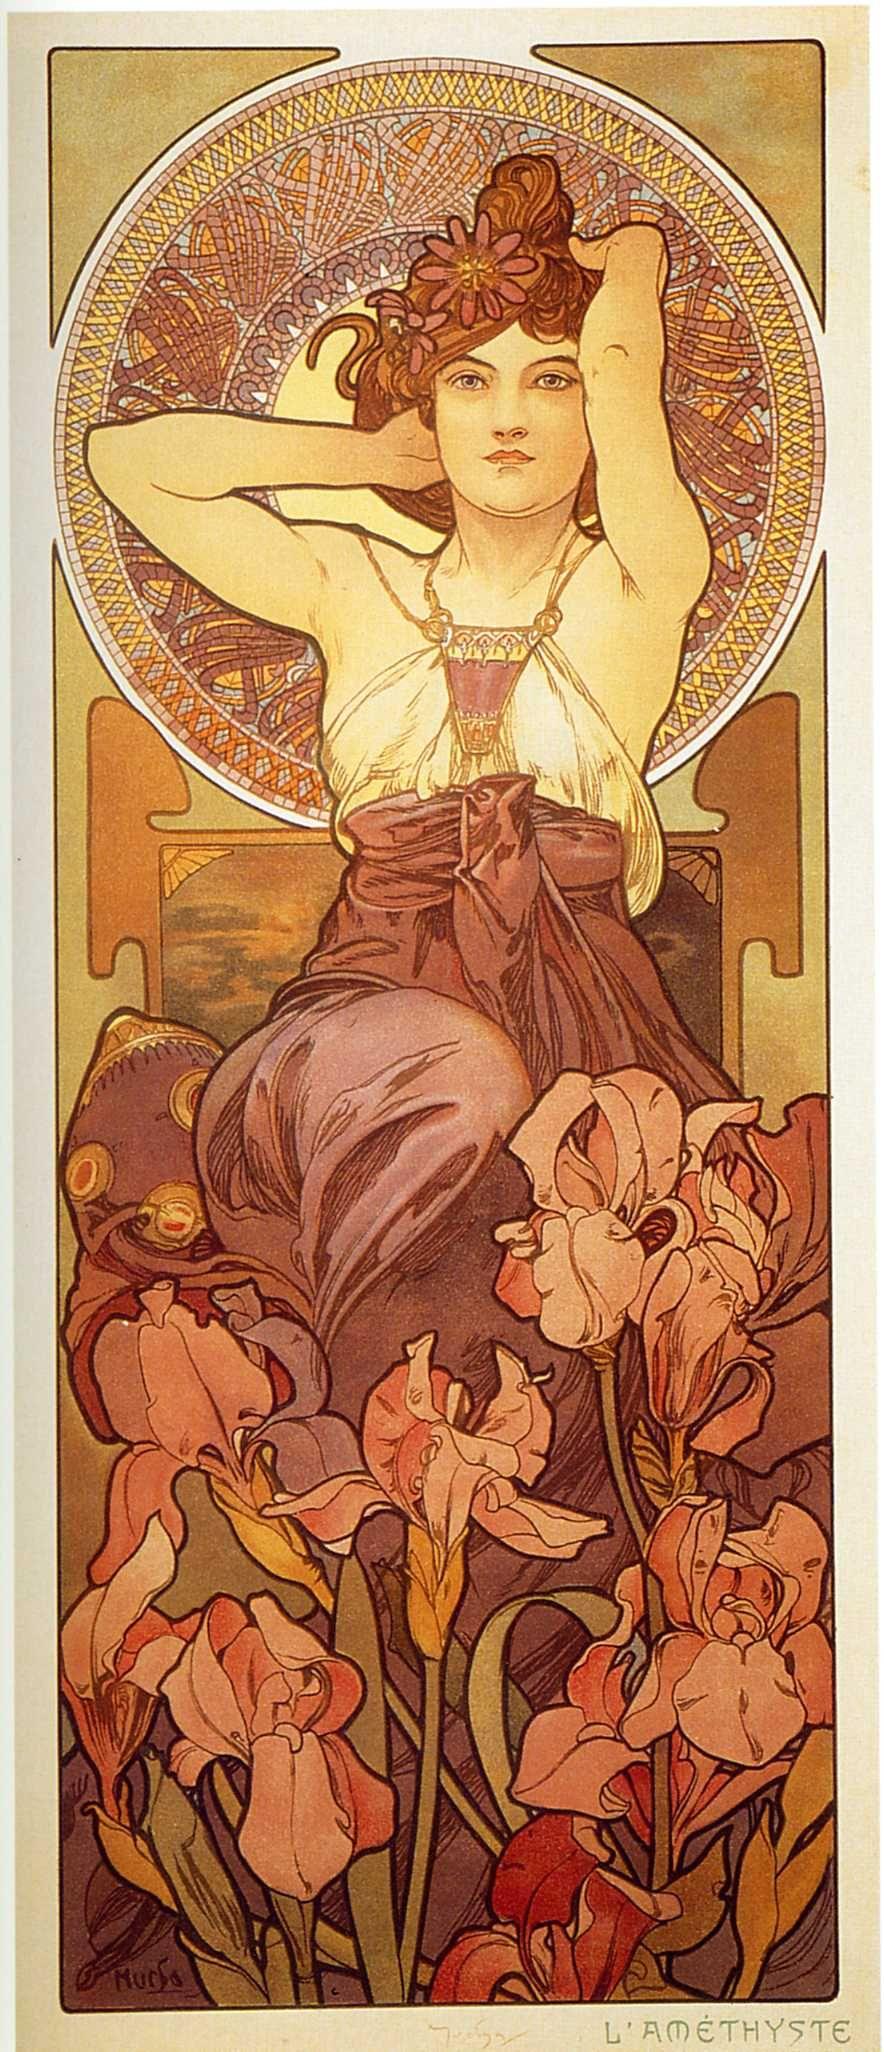 Art nouveau art deco alphonse mucha pinterest - Art deco et art nouveau ...